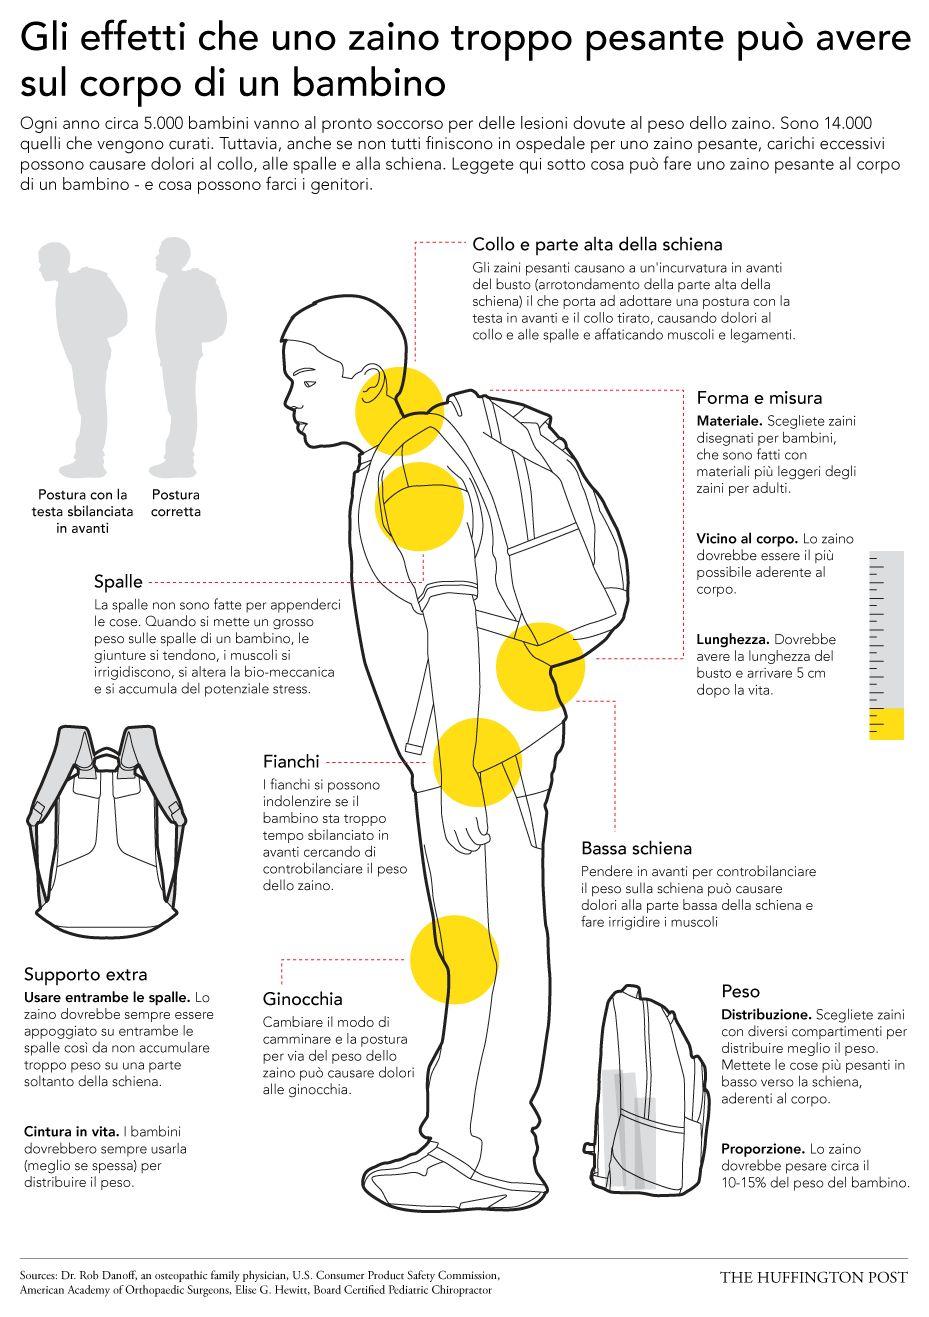 2567545dcf Zaino pesante? Ecco gli effetti che può avere sul corpo di un bambino. I